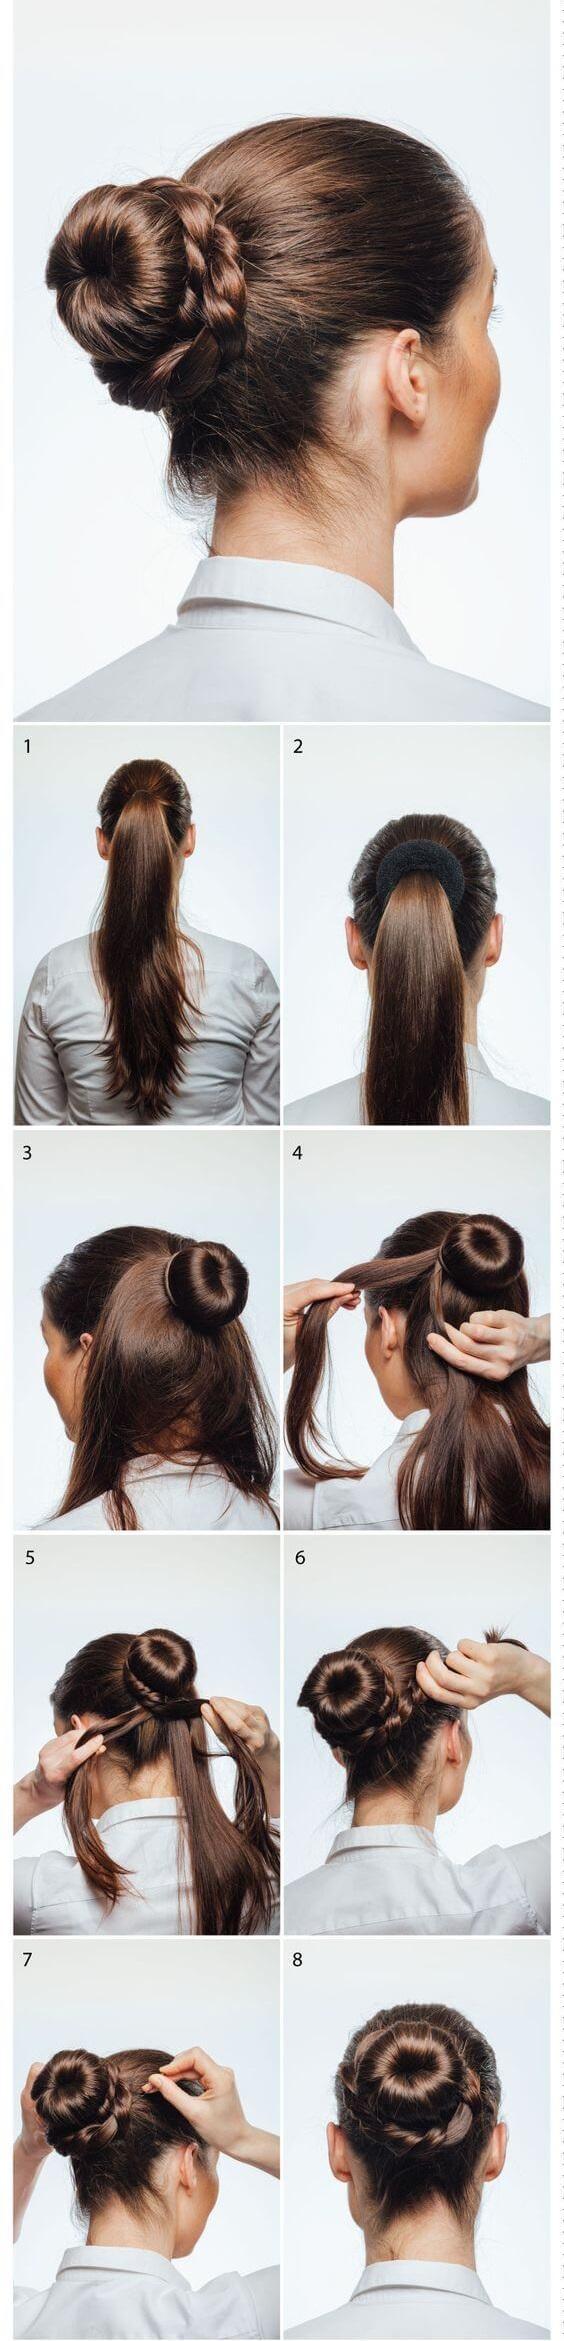 örgülü donat topuzu saç modelleri